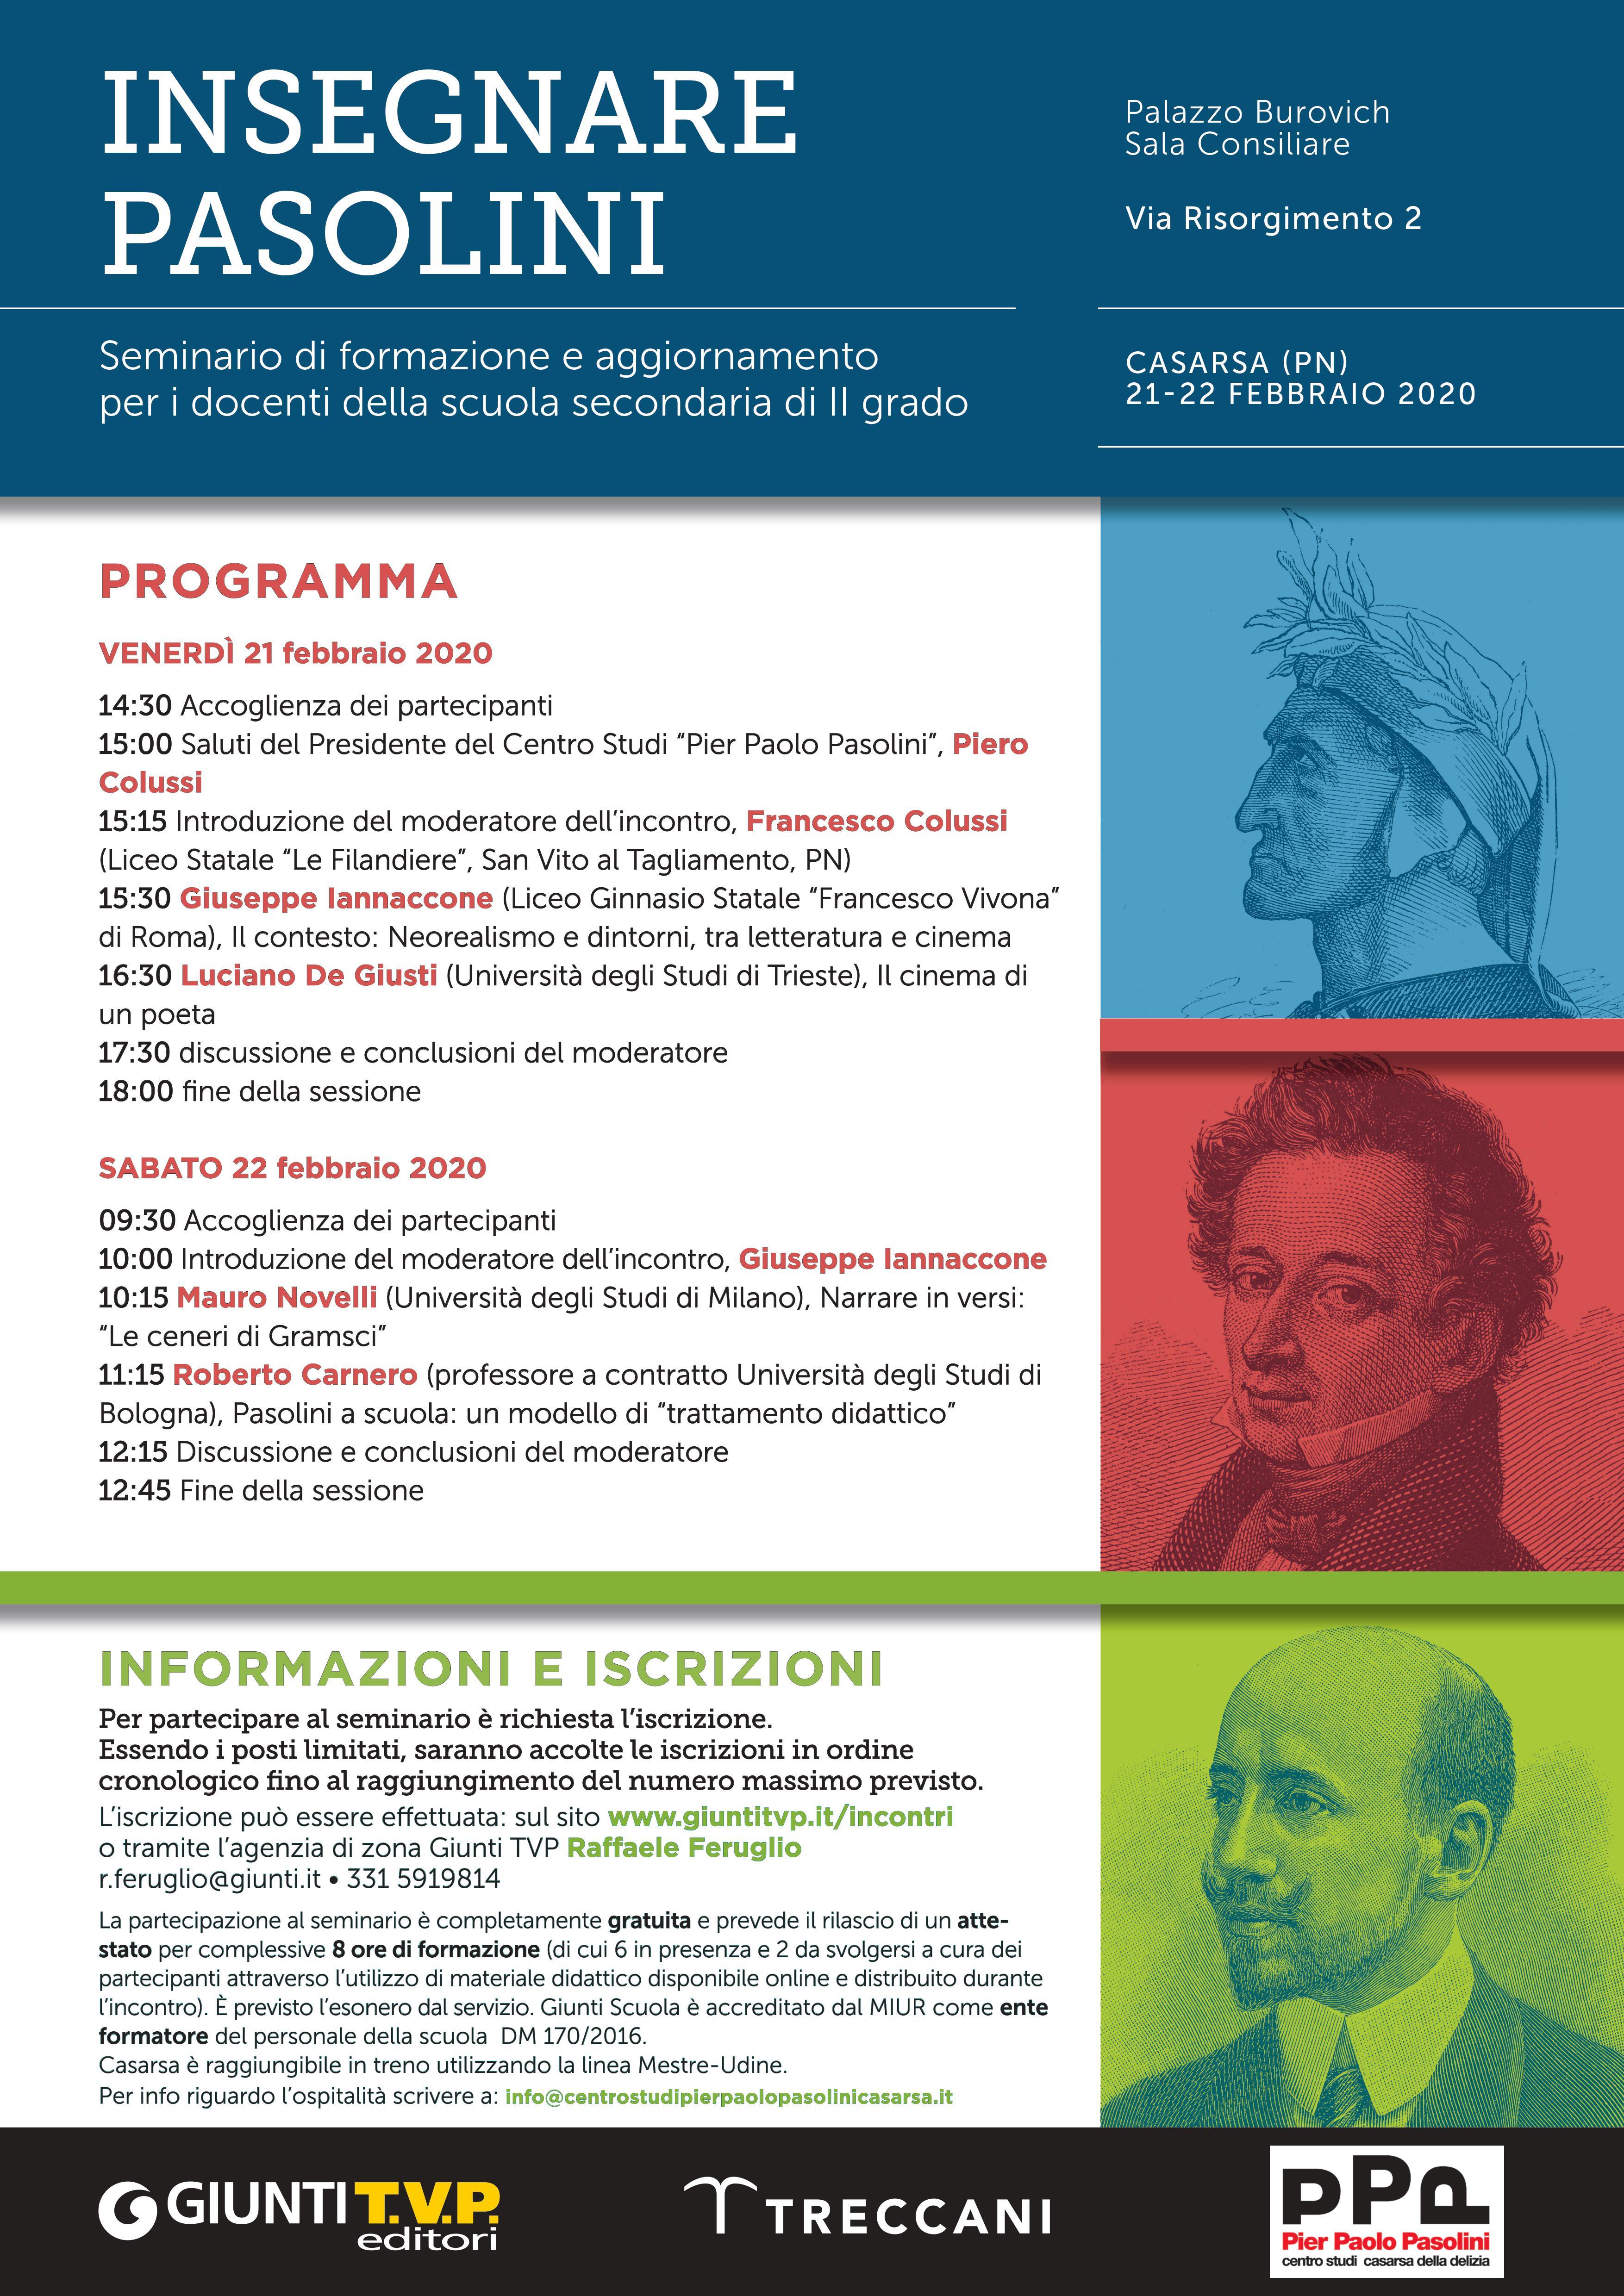 Programma Seminario docenti CSPPP 21-22 febbraio 2020